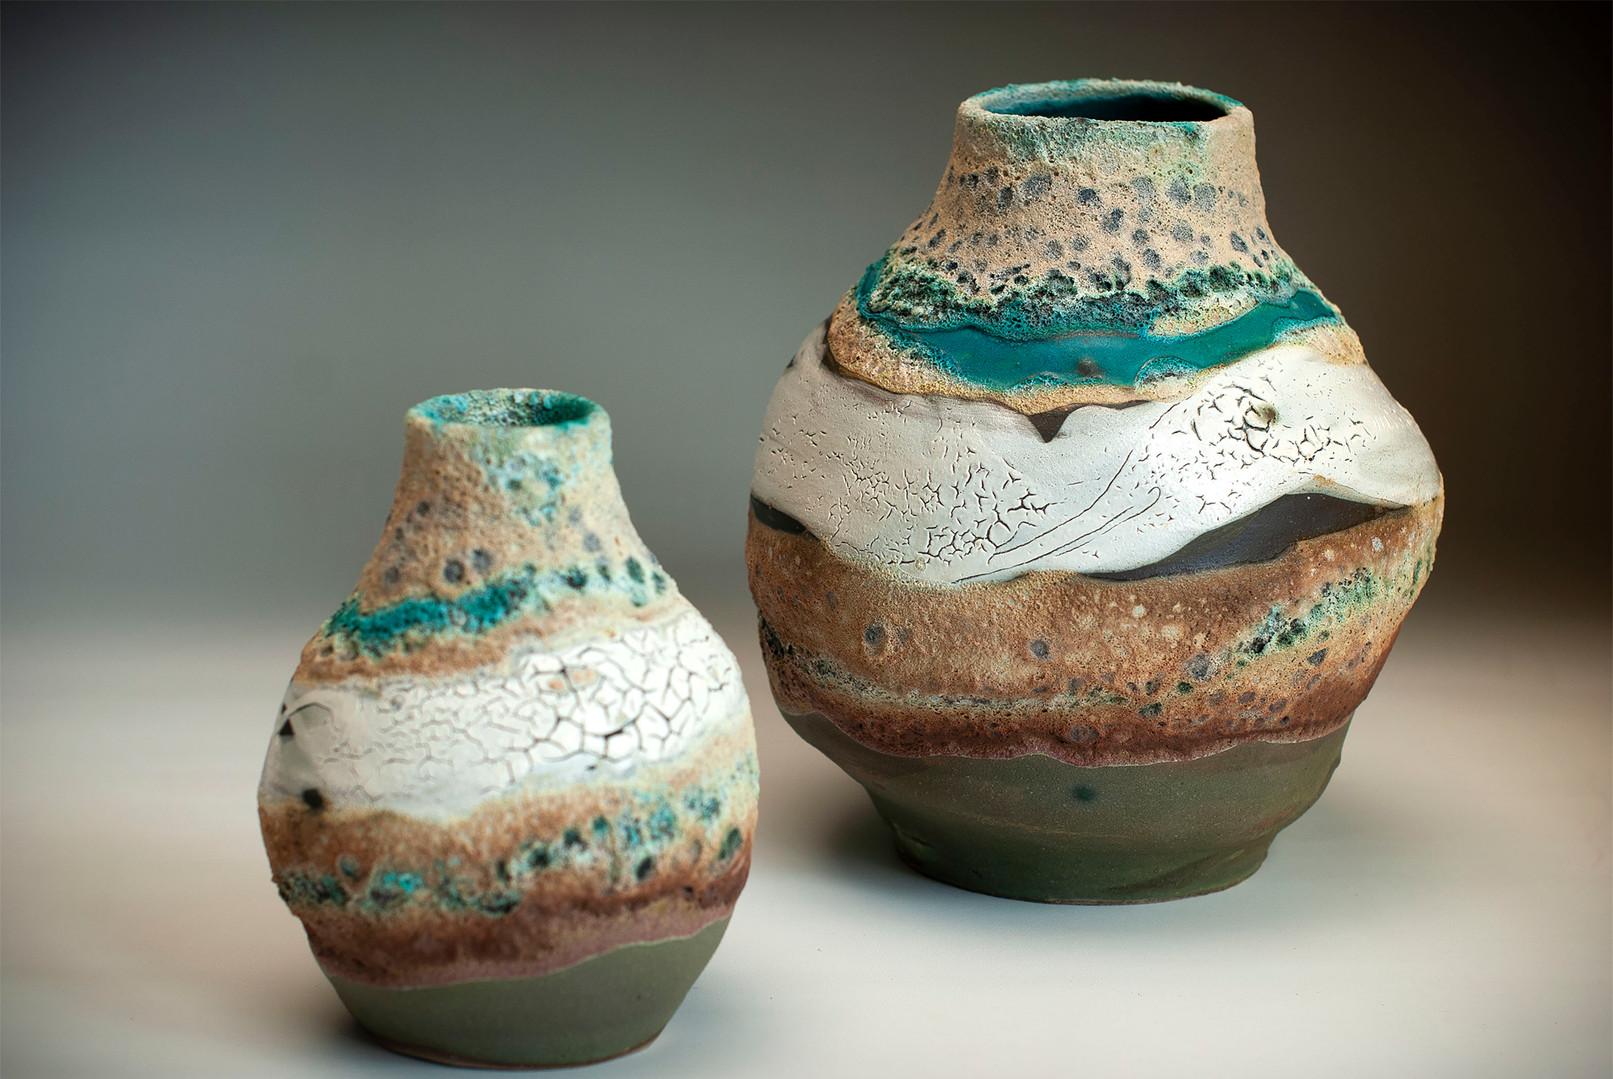 Ocean Bottle vases